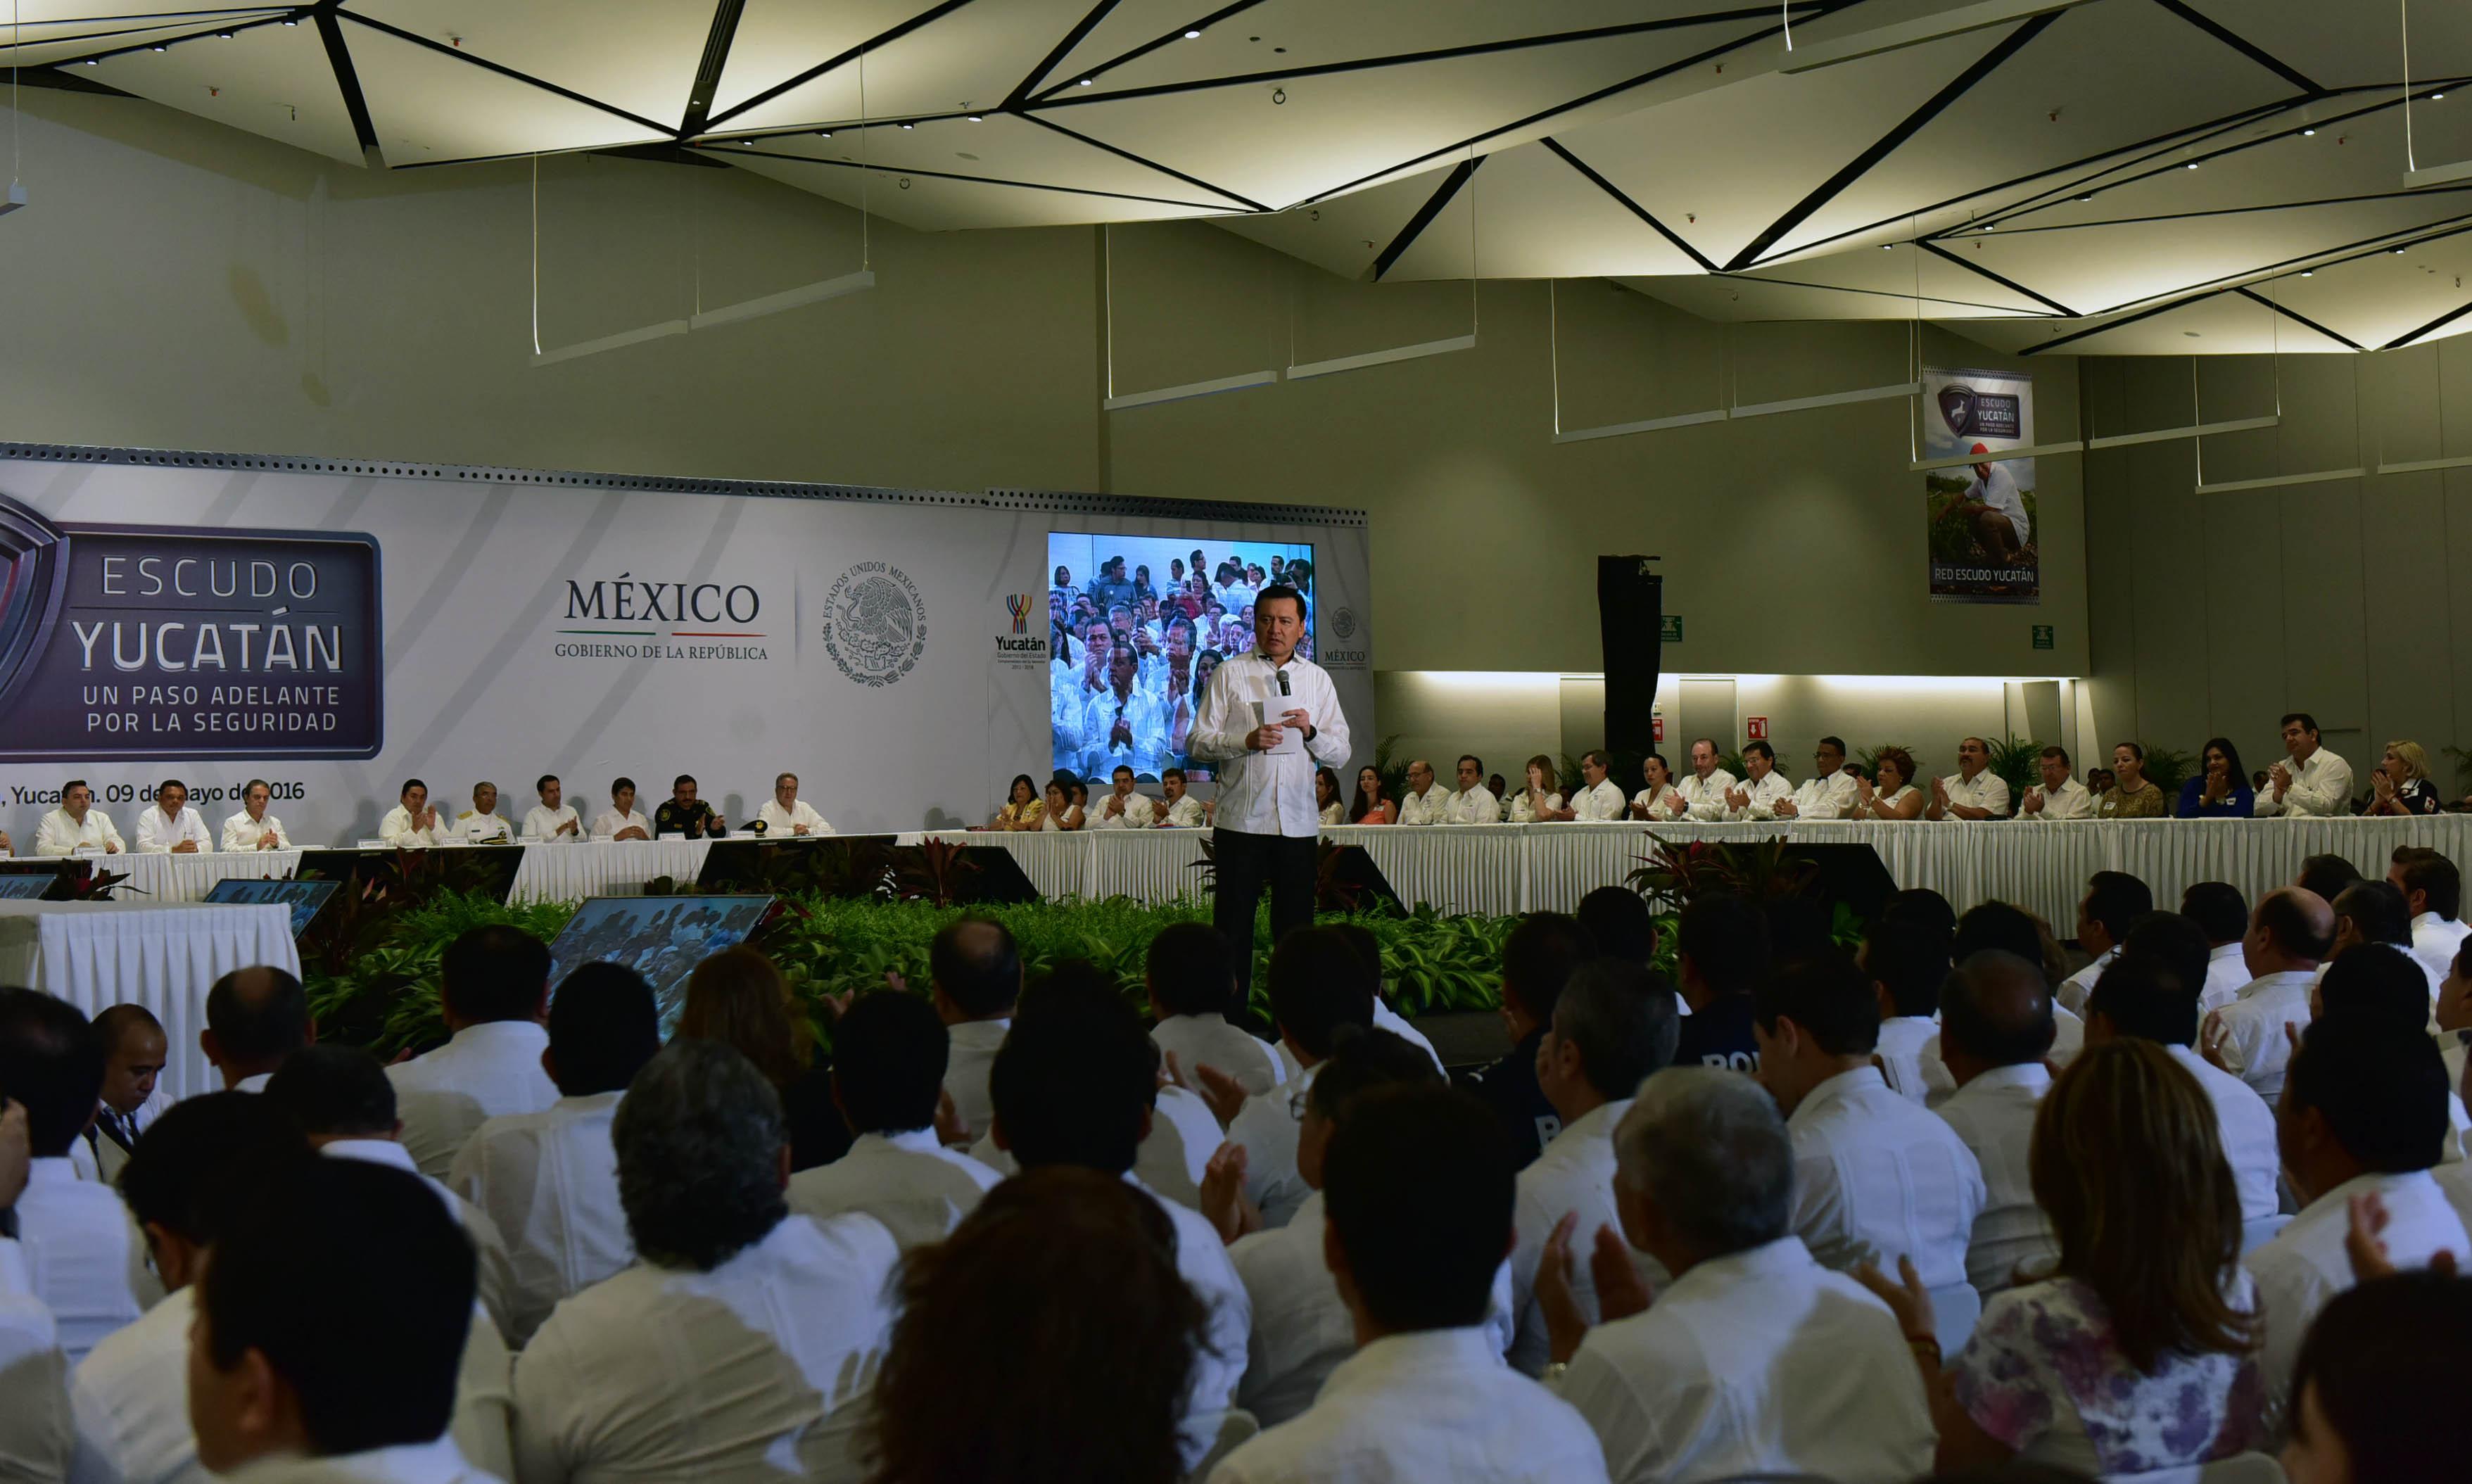 El Secretario de Gobernación, Miguel Ángel Osorio Chong, durante la toma de protesta a los integrantes de la Red Escudo Yucatán realizado en la ciudad de Mérida, Yucatán